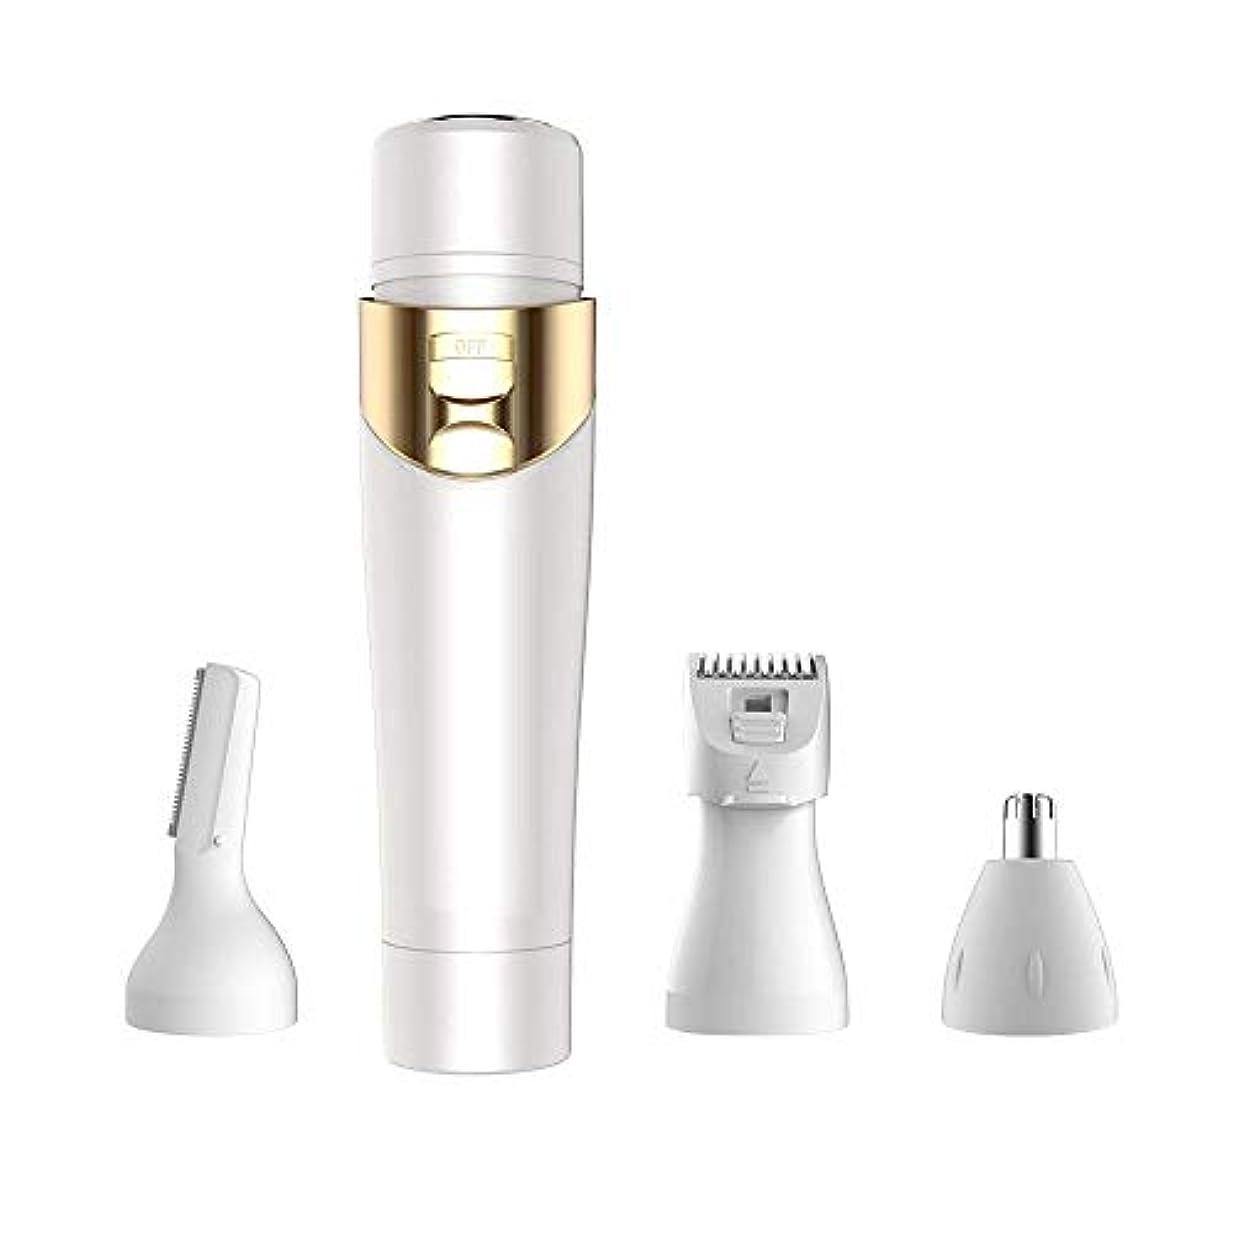 キャラバン取り囲む十年1つの女性シェーバーウェットとドライの使用USBでひげリムーバー女性レディシェーバー充電式4フェイス眉毛の鼻とボディ用の充電